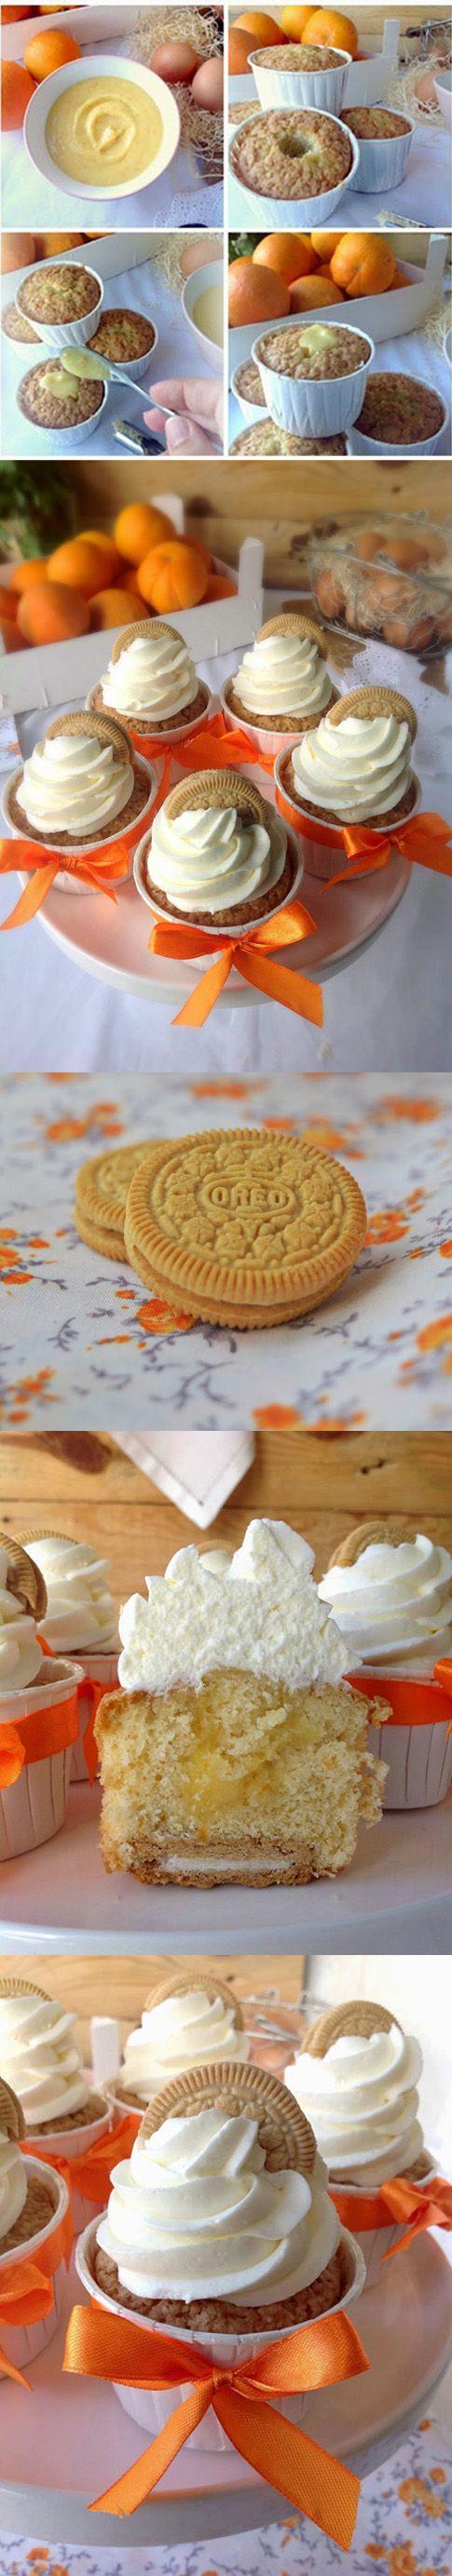 cupcake-oreo-doradas-lemon-pecados-reposteria-1